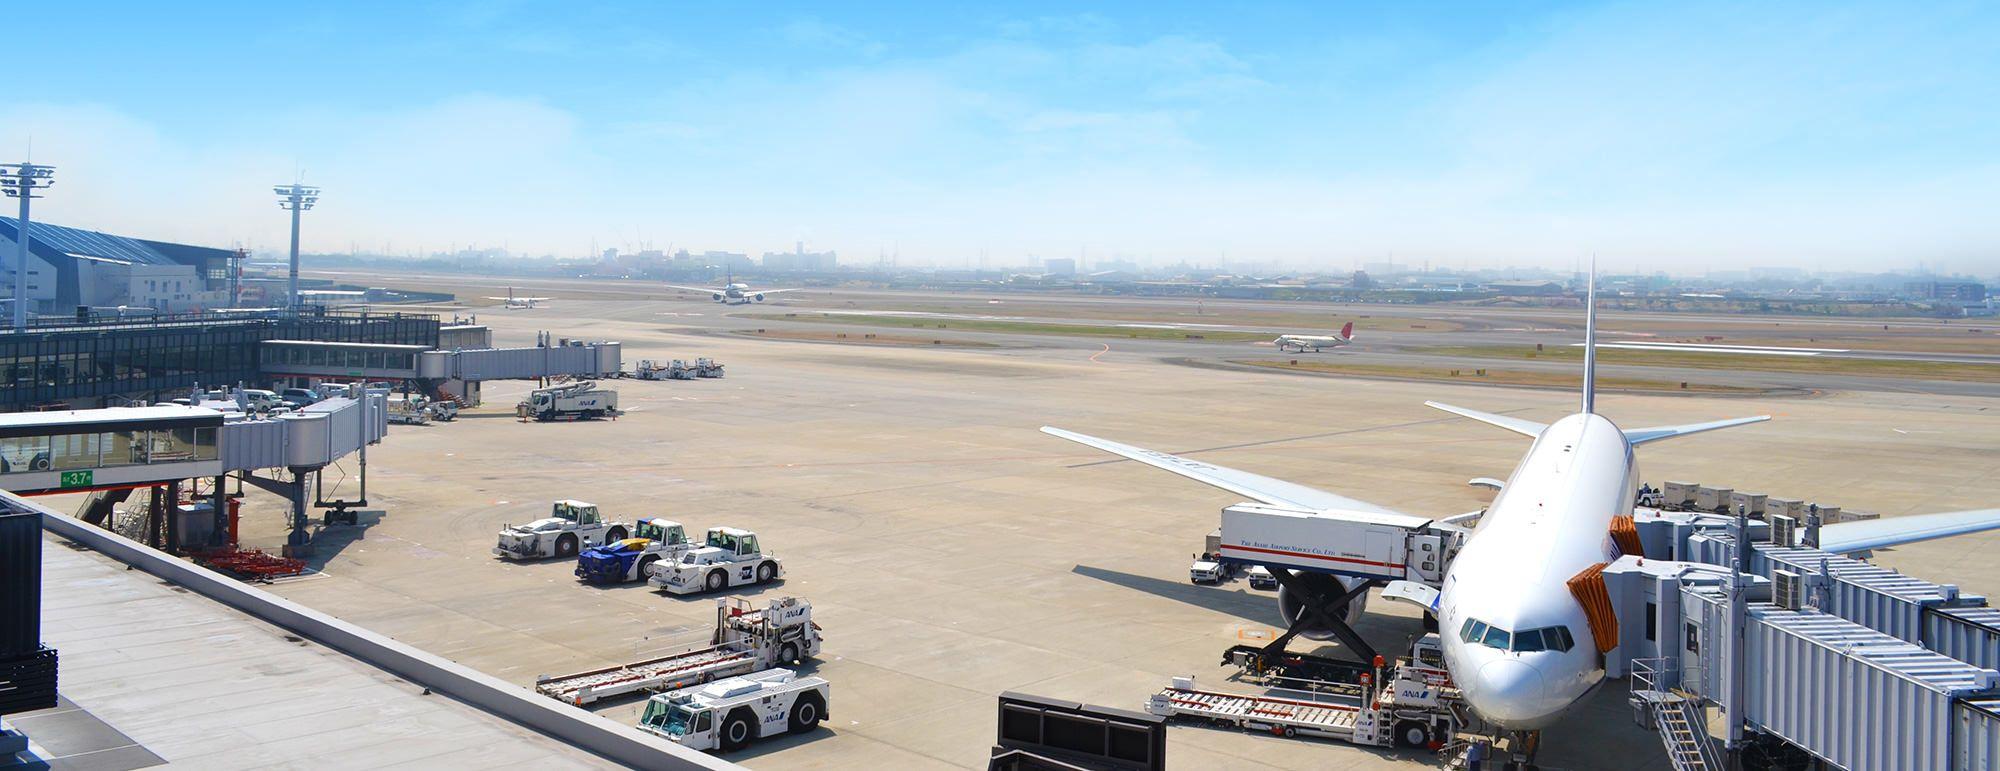 Sewa Mobil dan supir di Jepang Jemput Airport Transfer Bandara Itami ke Hotel